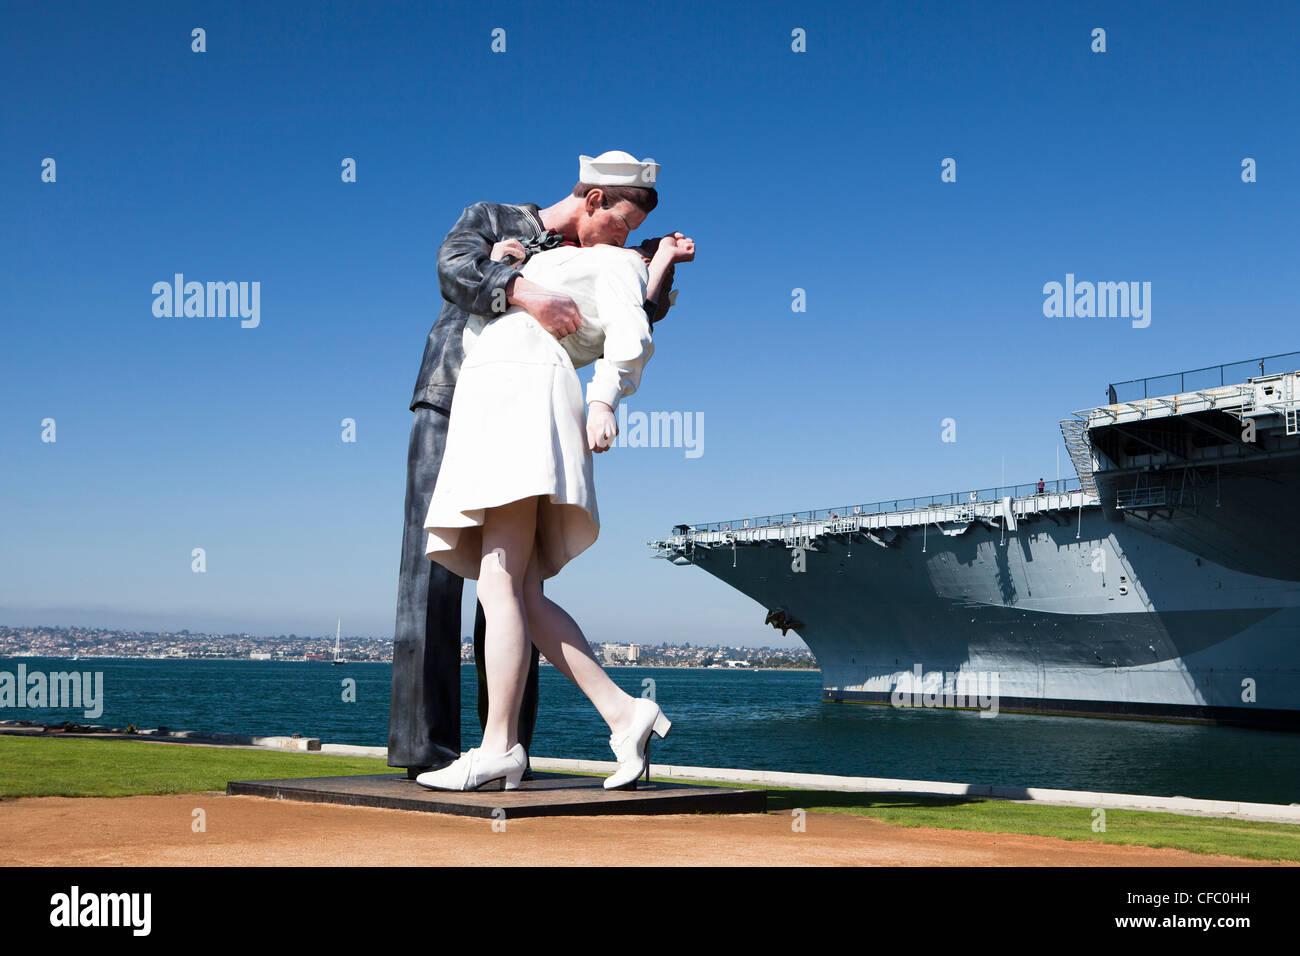 Stati Uniti d'America, Stati Uniti, America, California, San Diego, città, siamo a metà strada, Theme Park, marinaio, Foto Stock